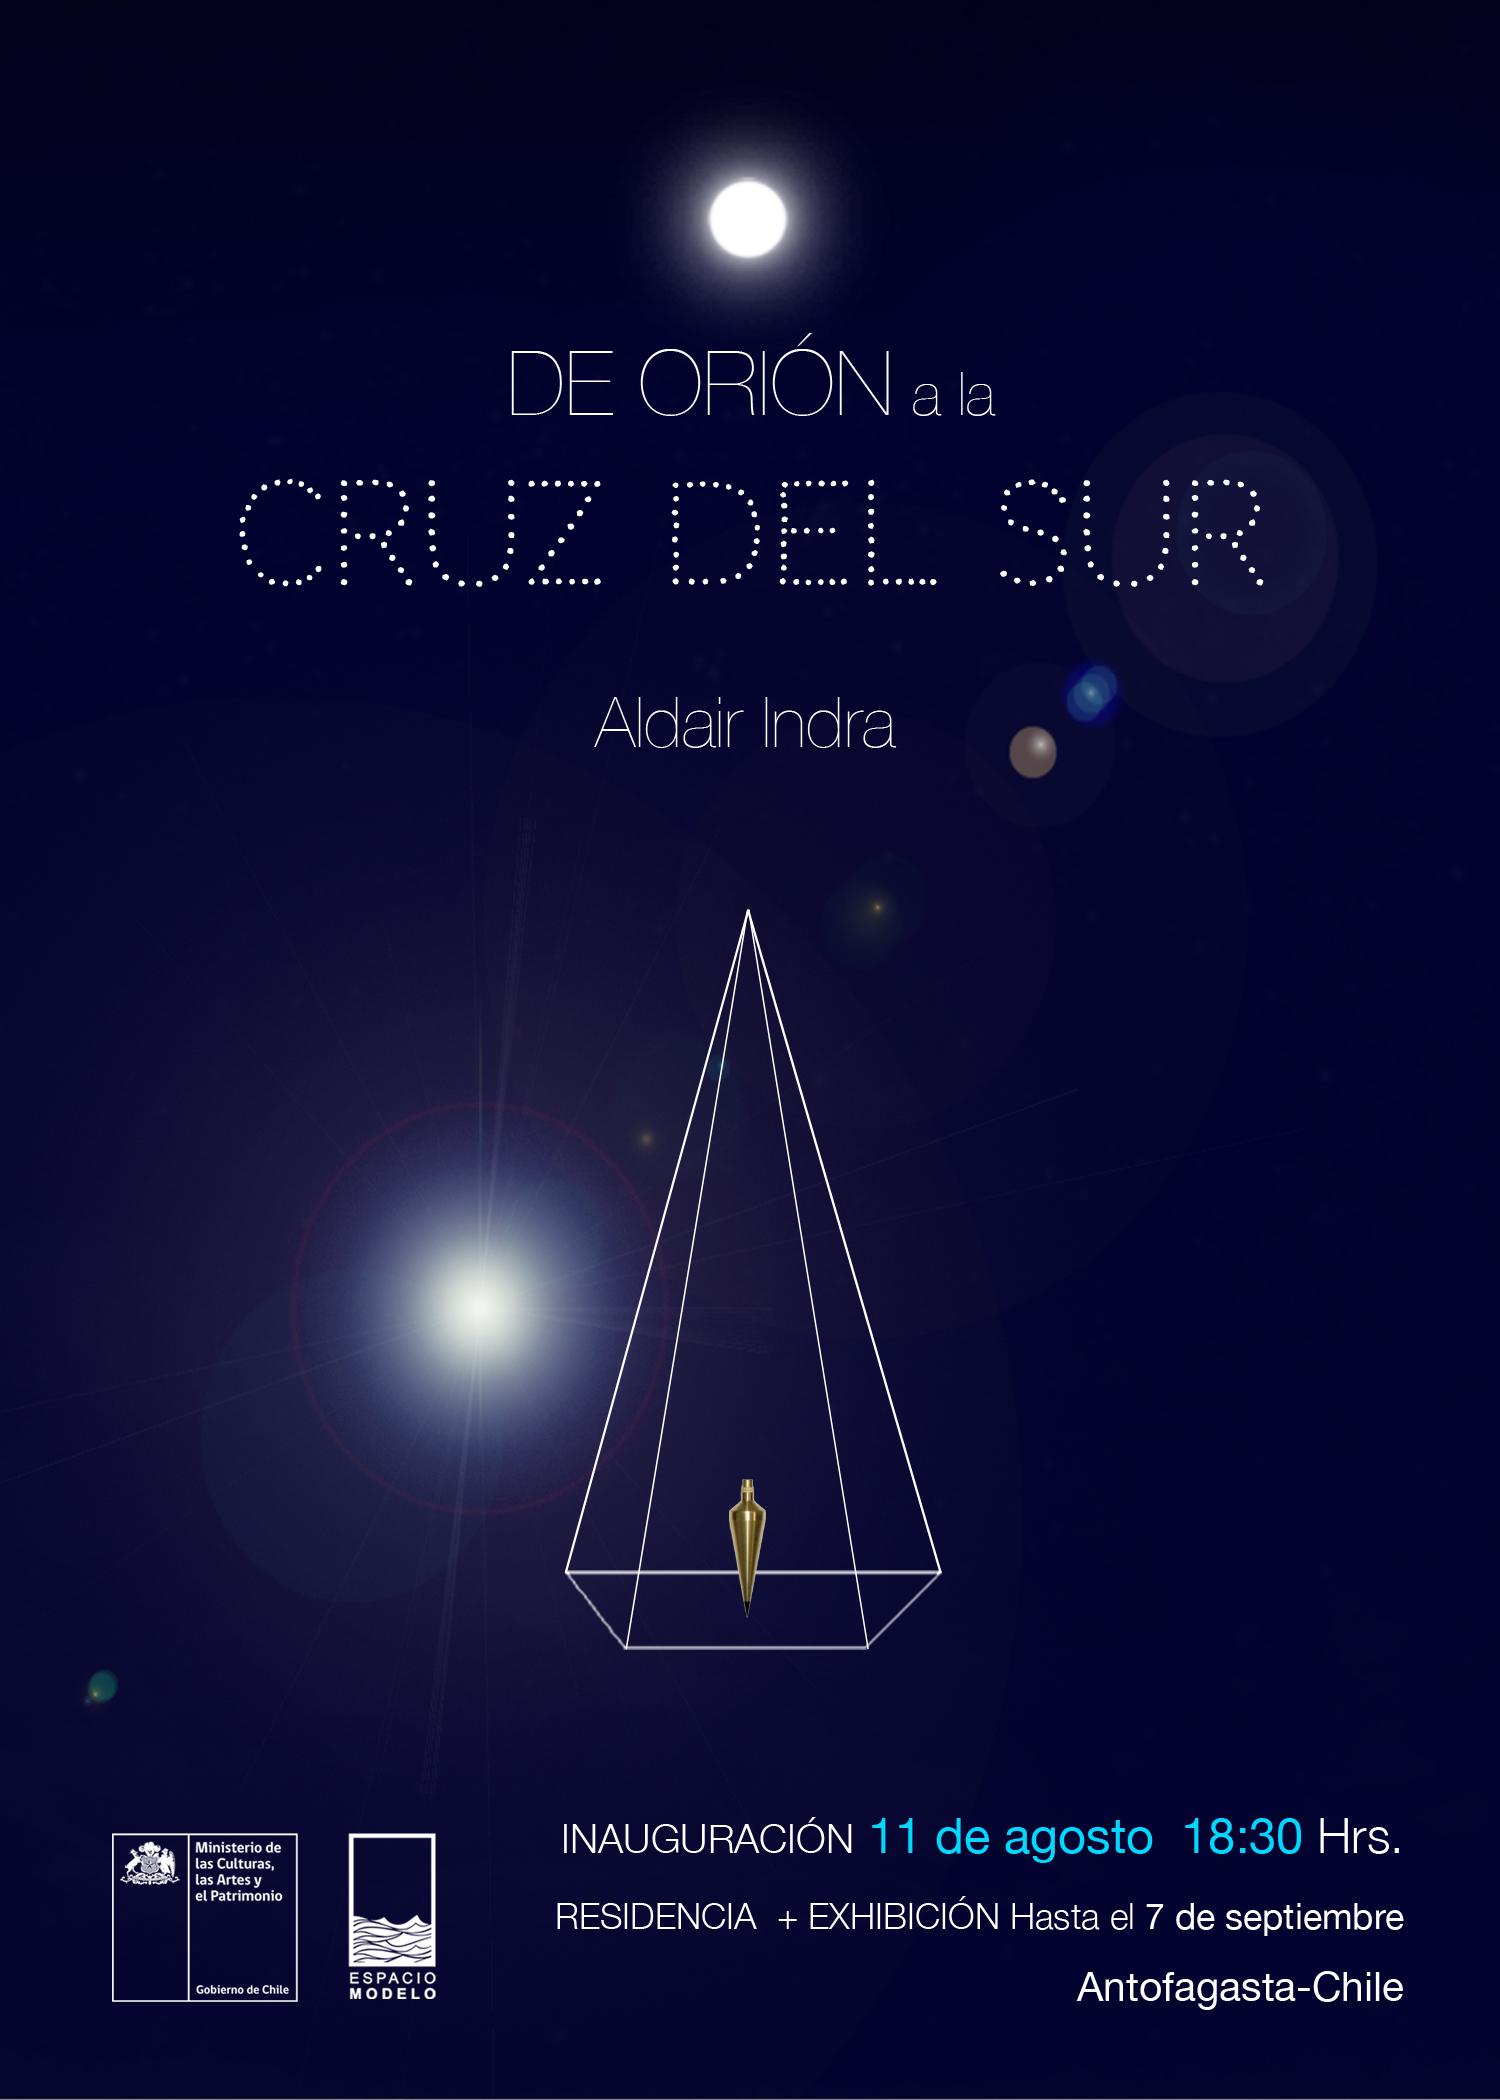 La artista boliviana Aldair Indra presenta una exposición en Antofagasta